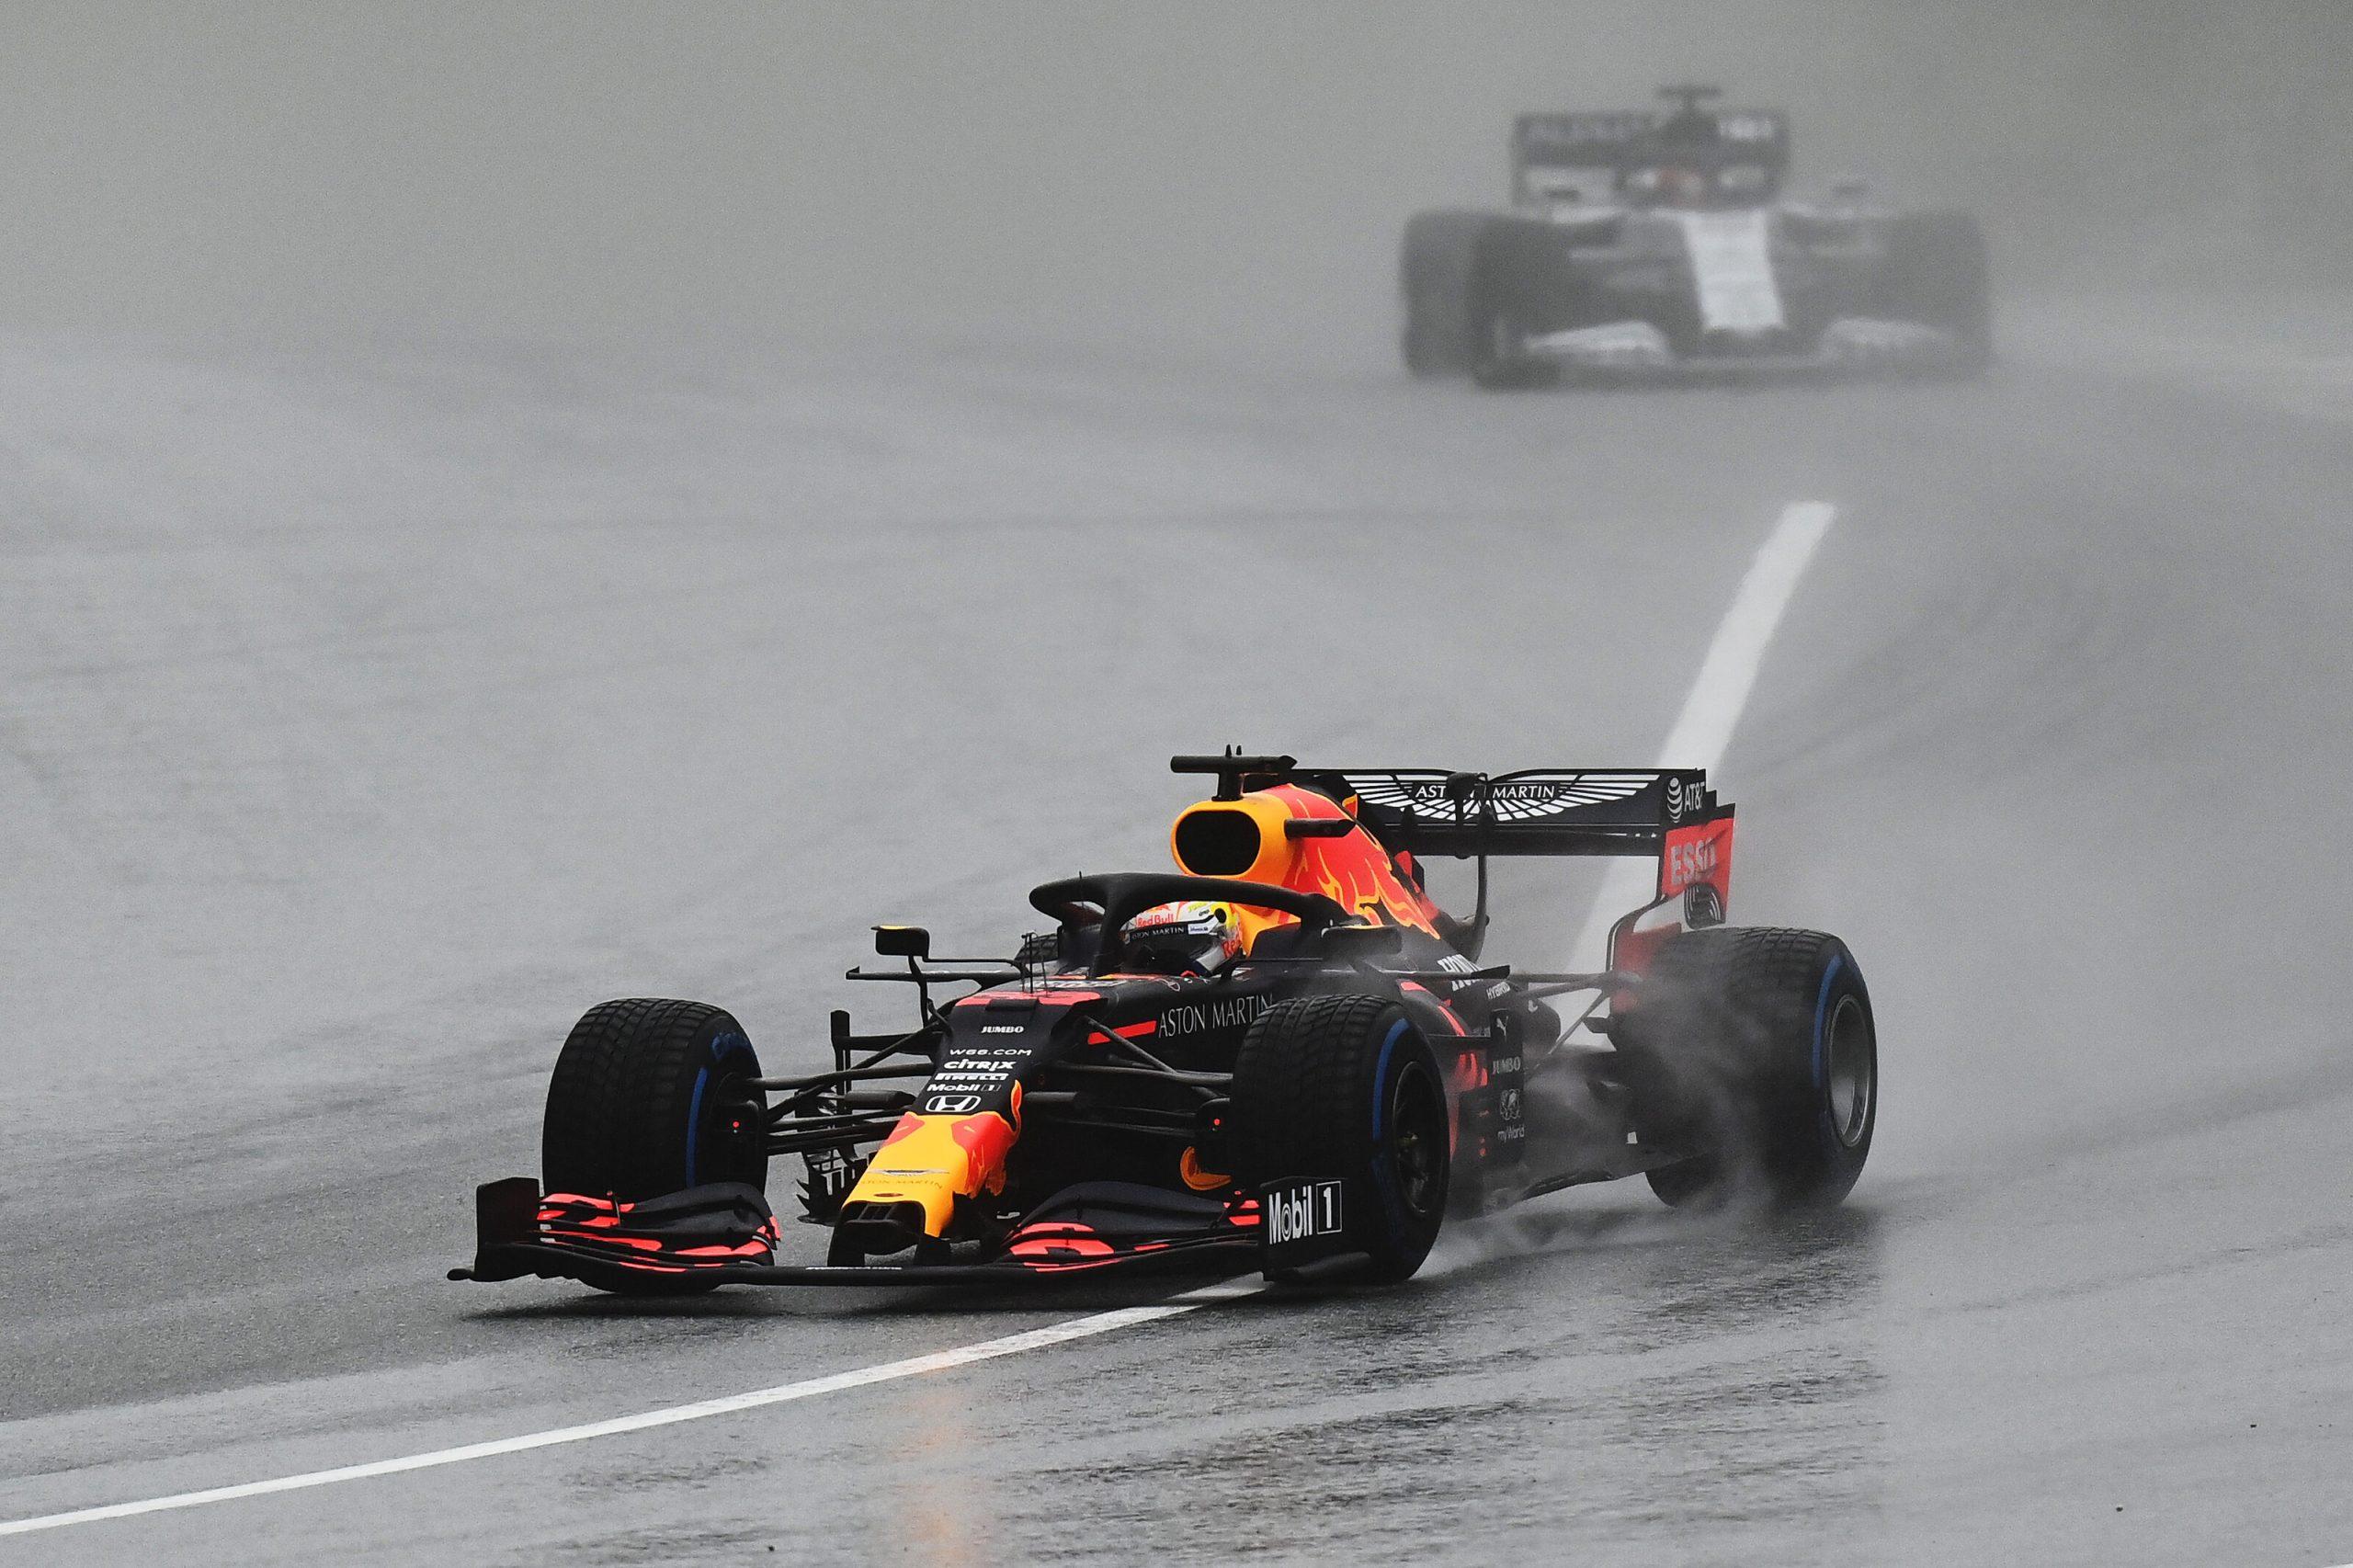 Voorbeschouwing van de GP van België 2020